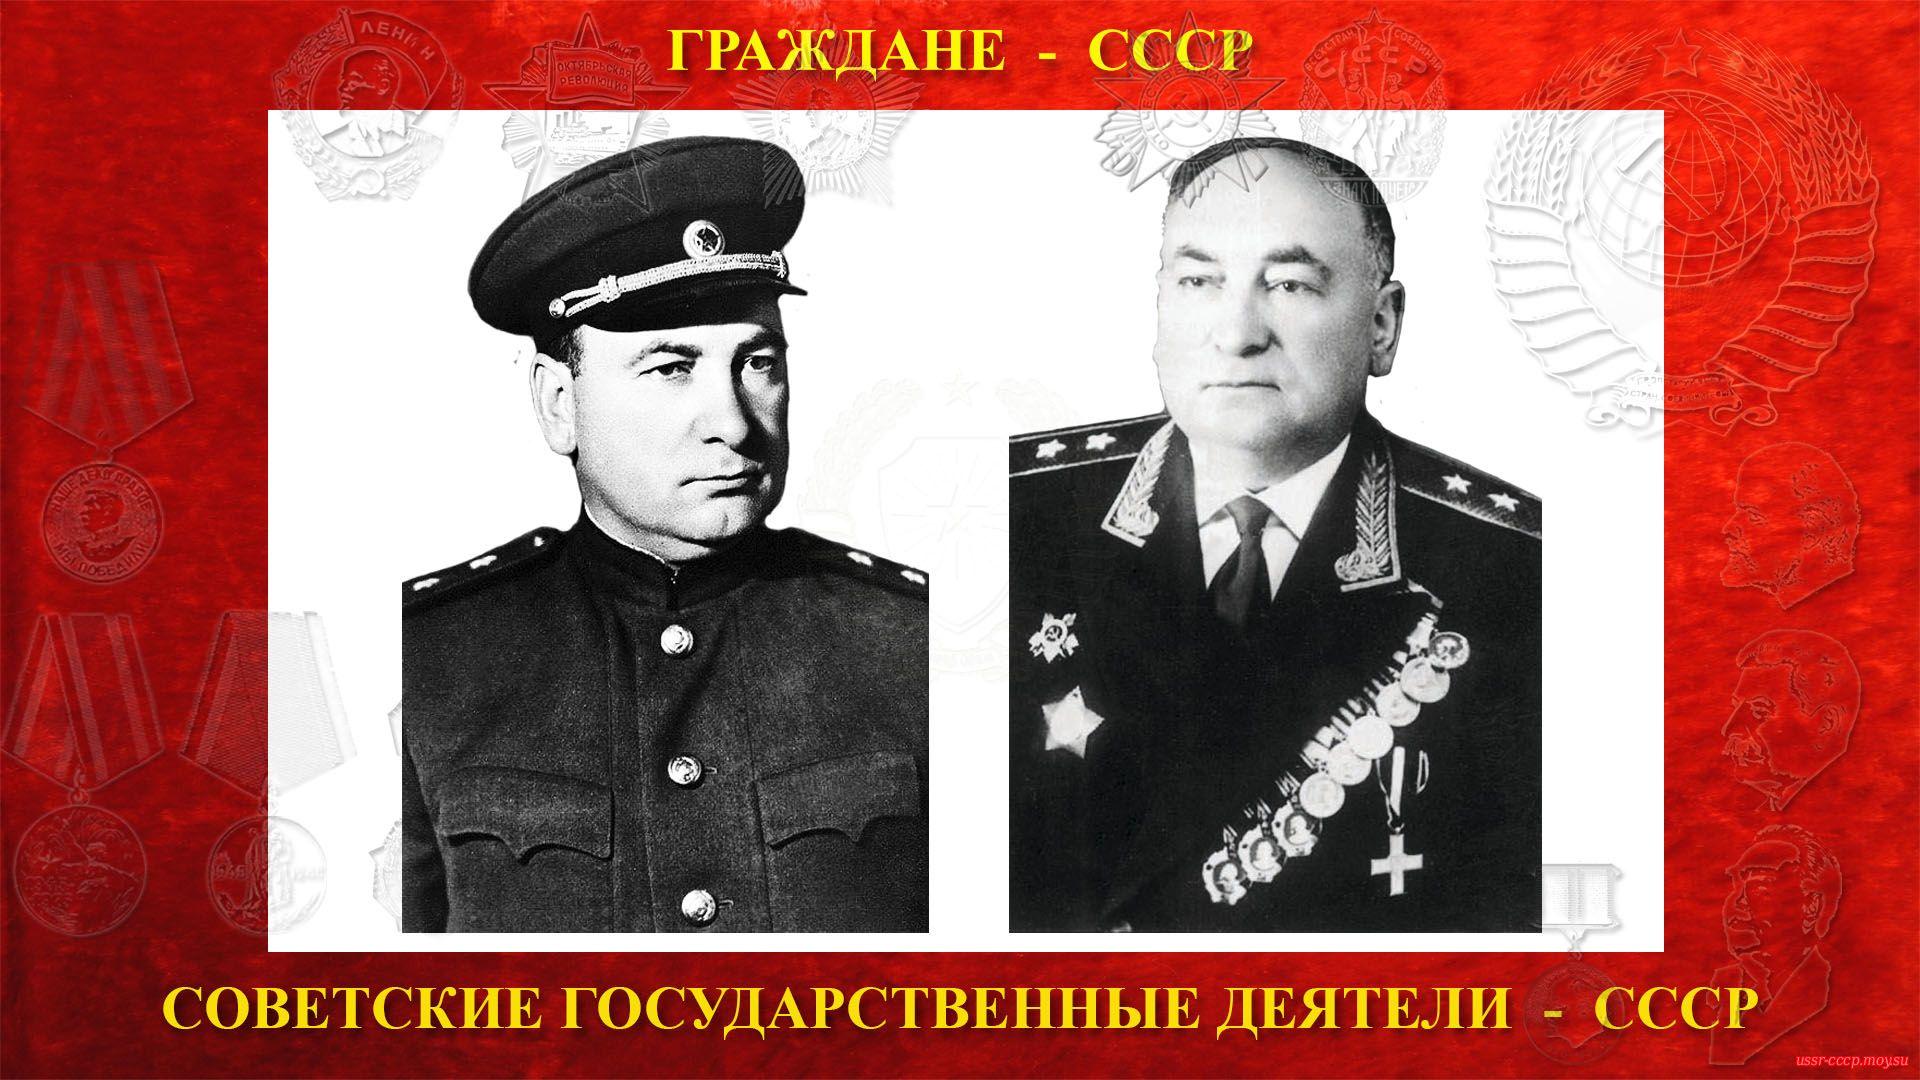 Пономаренко Пантелеймон Кондратьевич — Советский партийный и государственный деятель — (09.08.1902 — 18.01.1984)